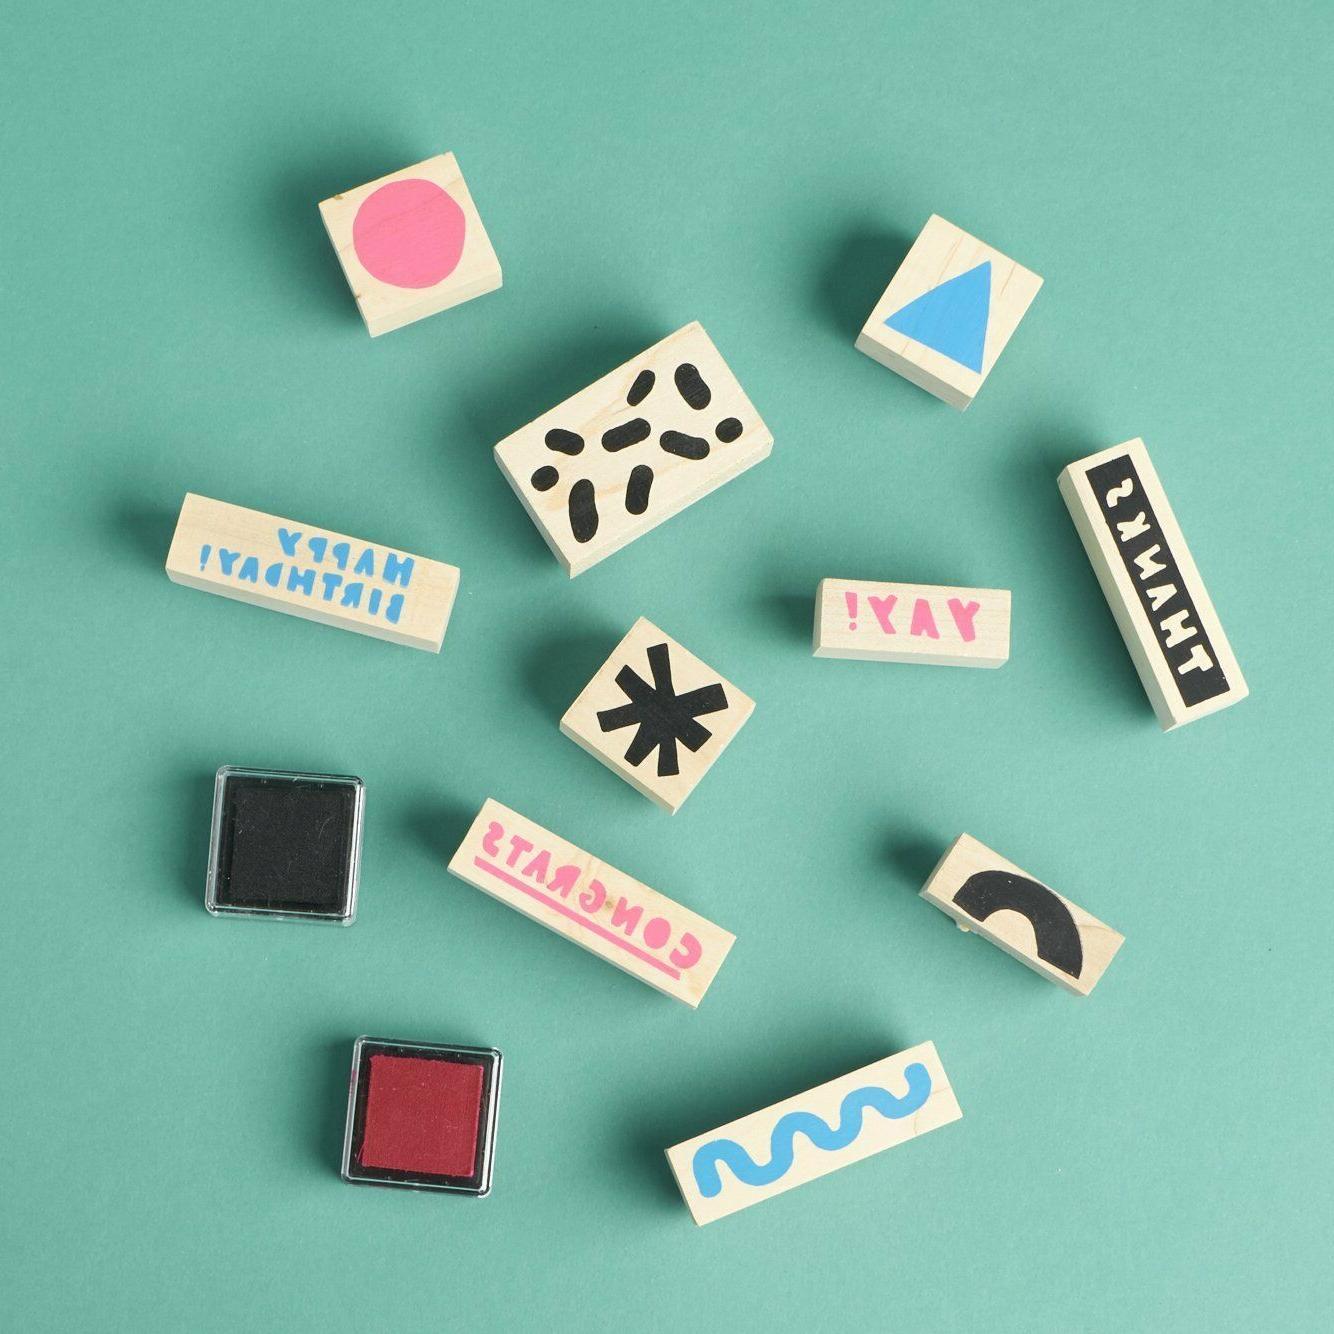 NWT Workshop PopSugar in Pkg- 10 stamps